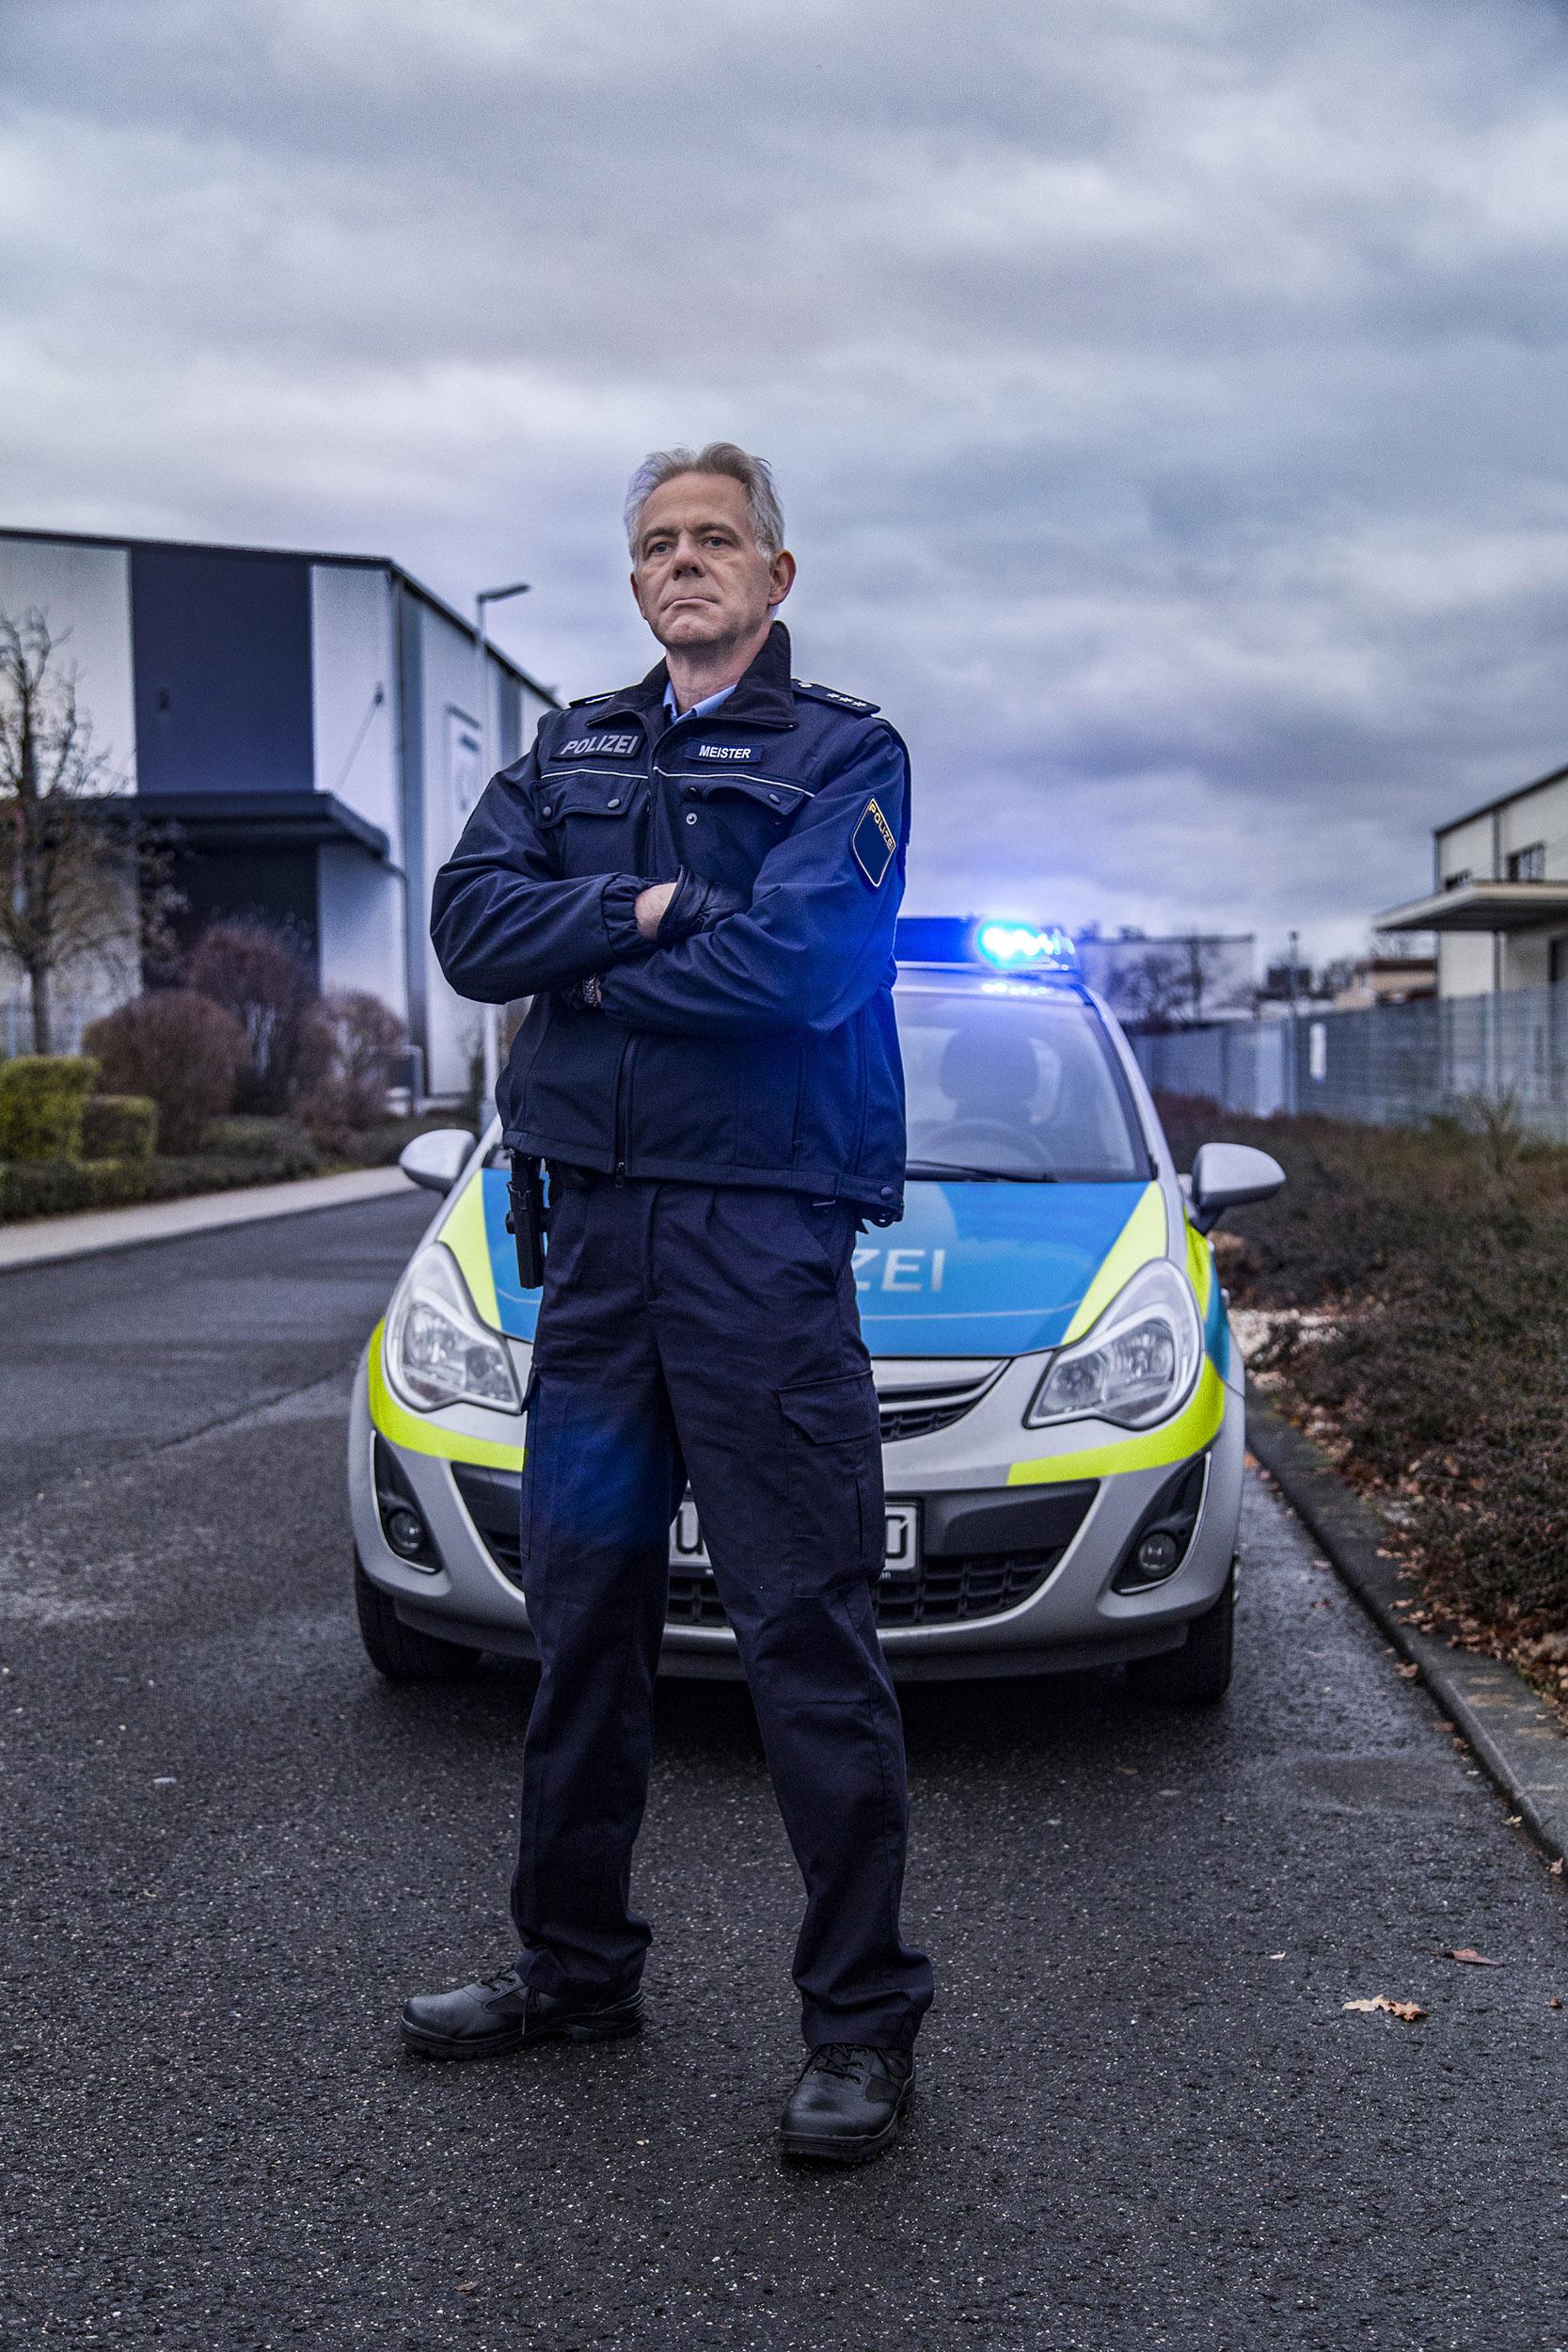 Hessischer Polizist vor Streifenwagen